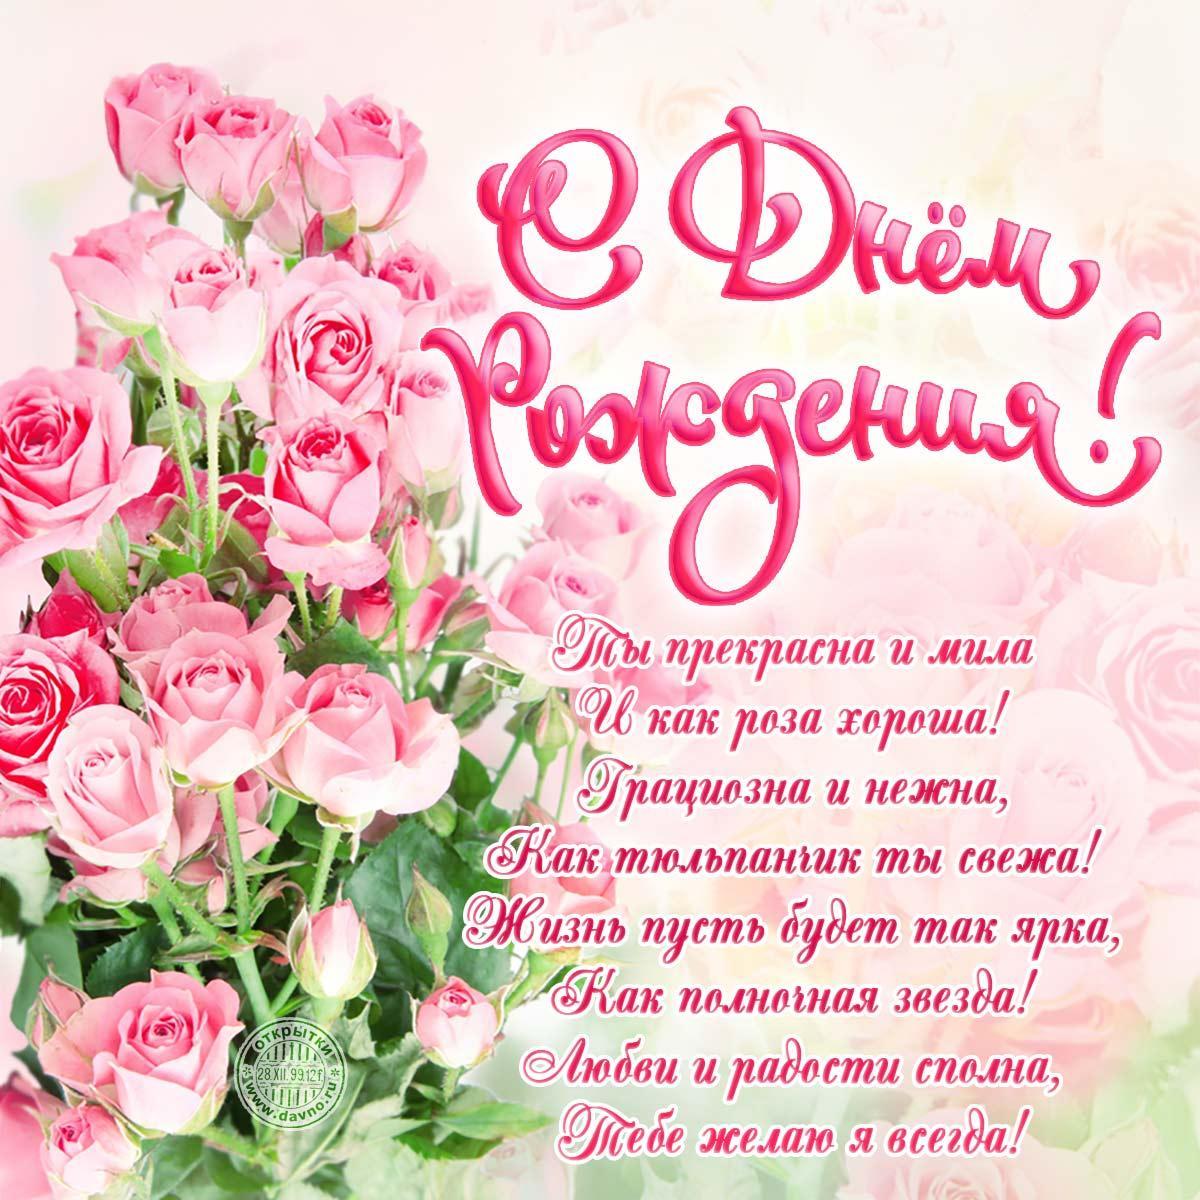 С днем рождения женщине открытки / фото www.davno.ru